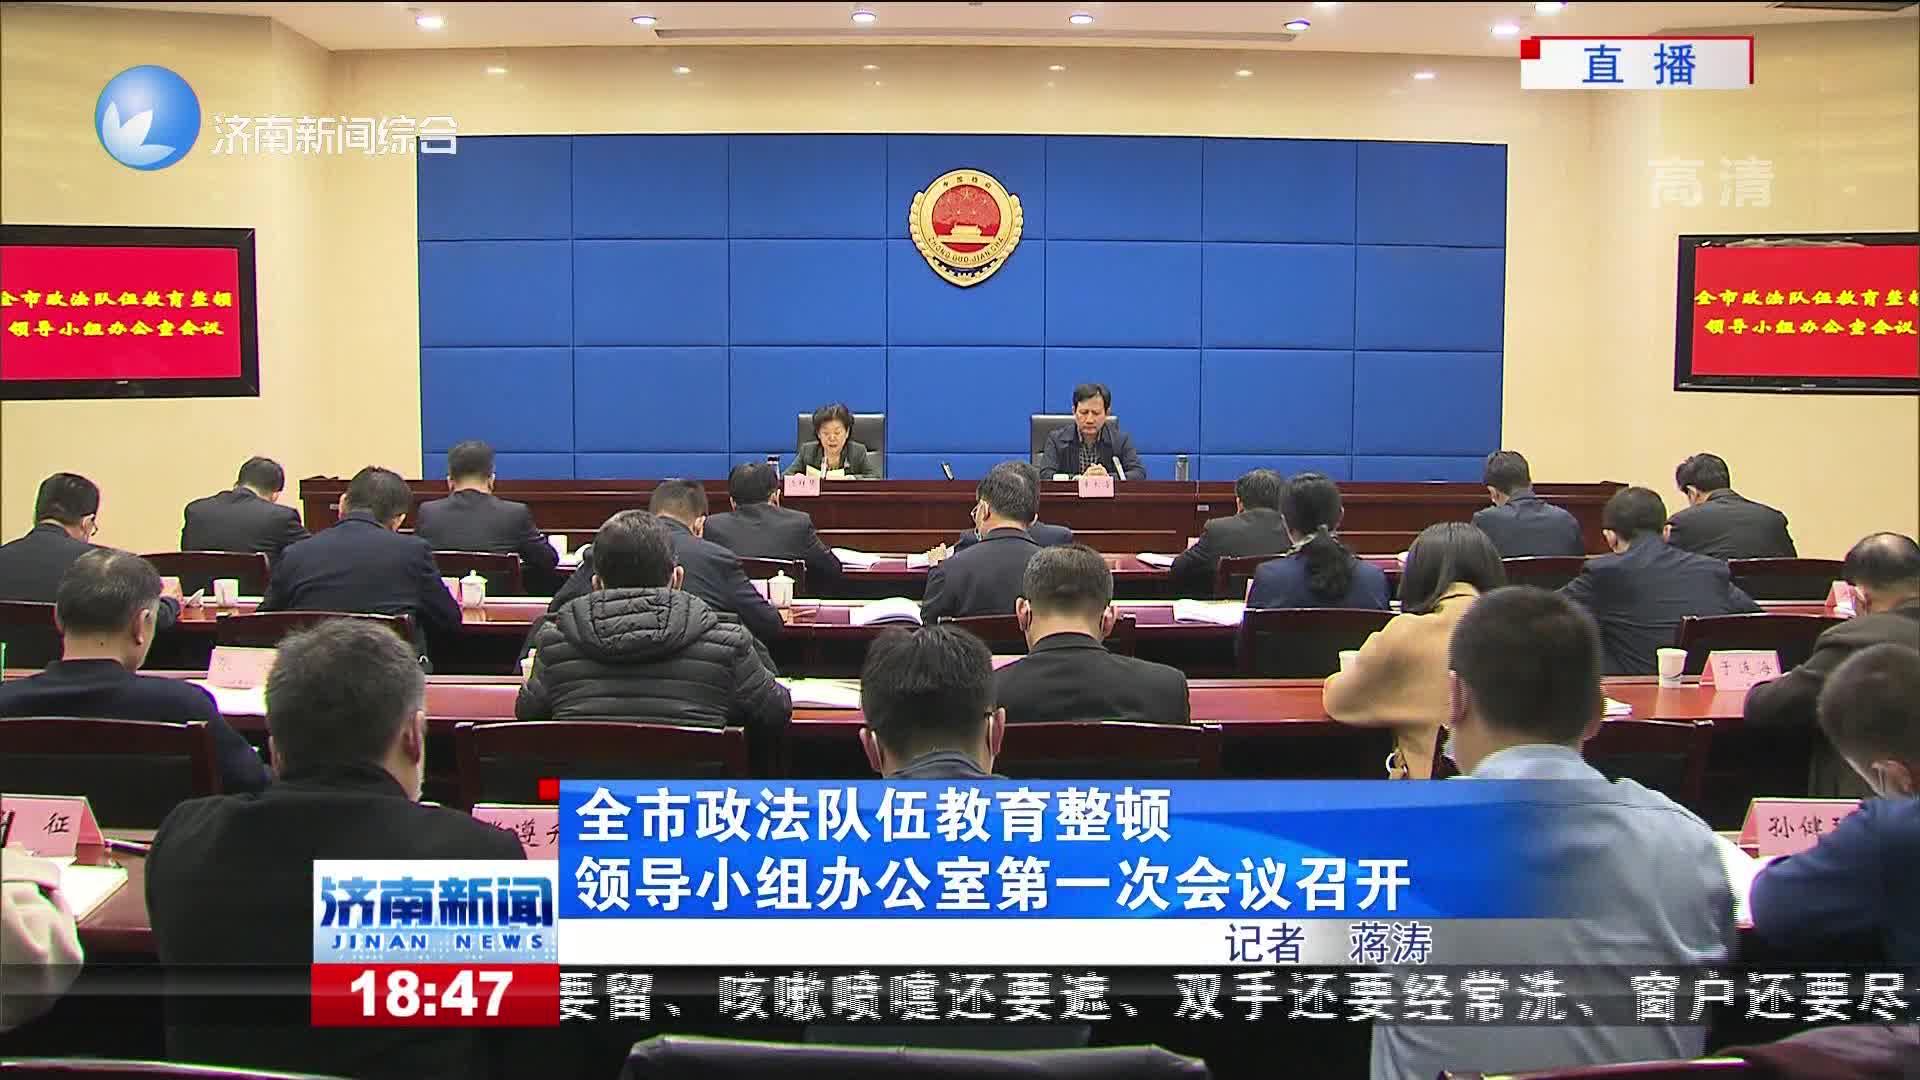 全市政法队伍教育整顿领导小组办公室第一次会议召开